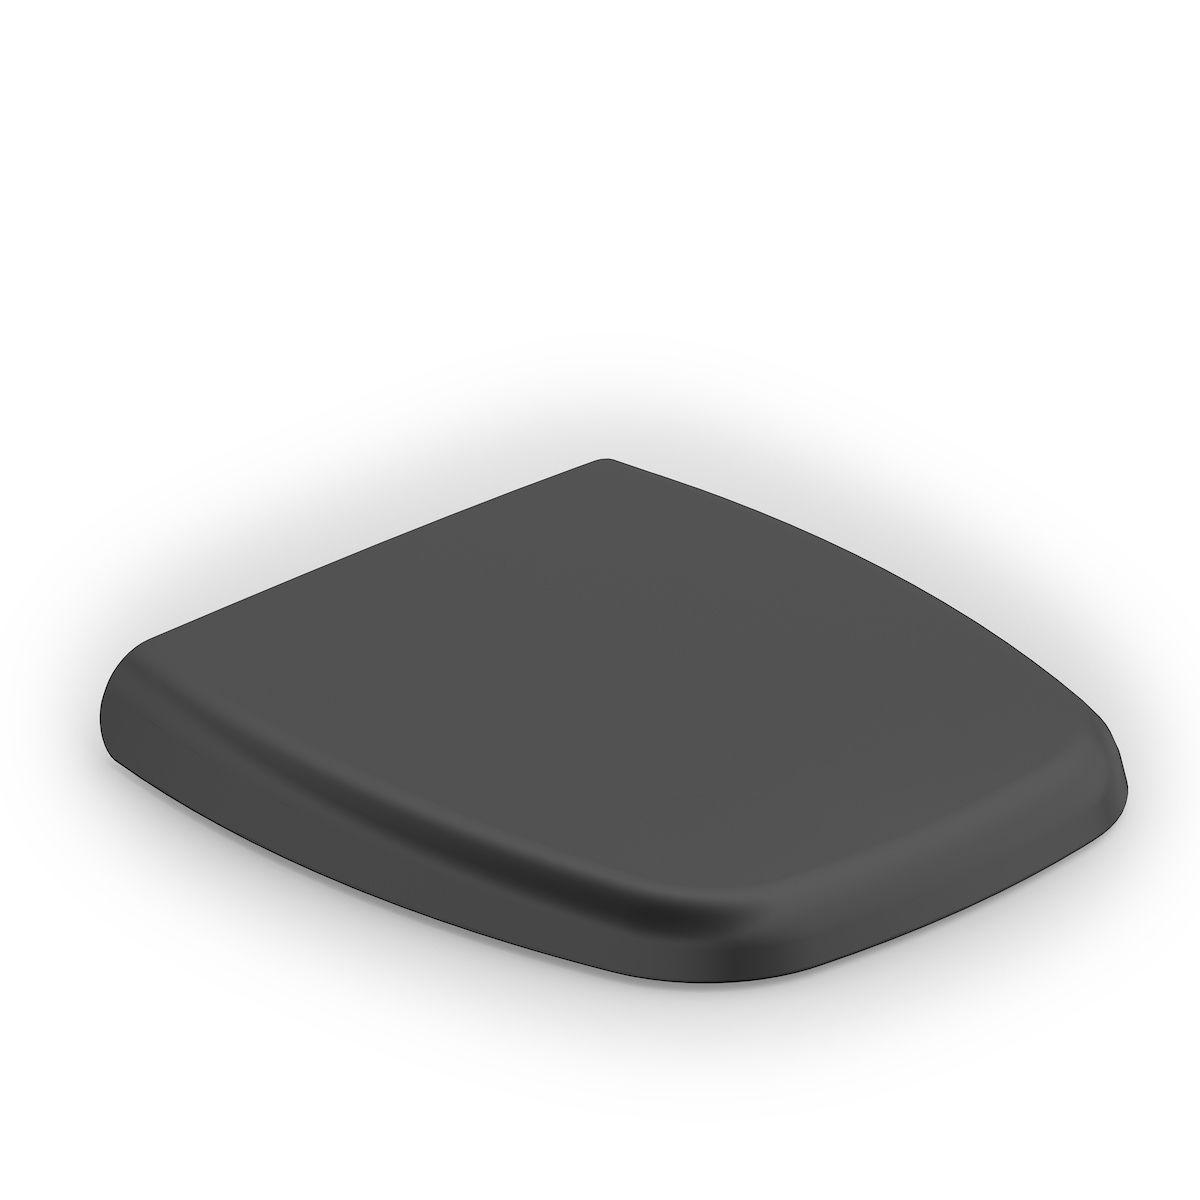 Assento FIT ORIGINAL CELITE - Fit em polipropileno - Cor Preto